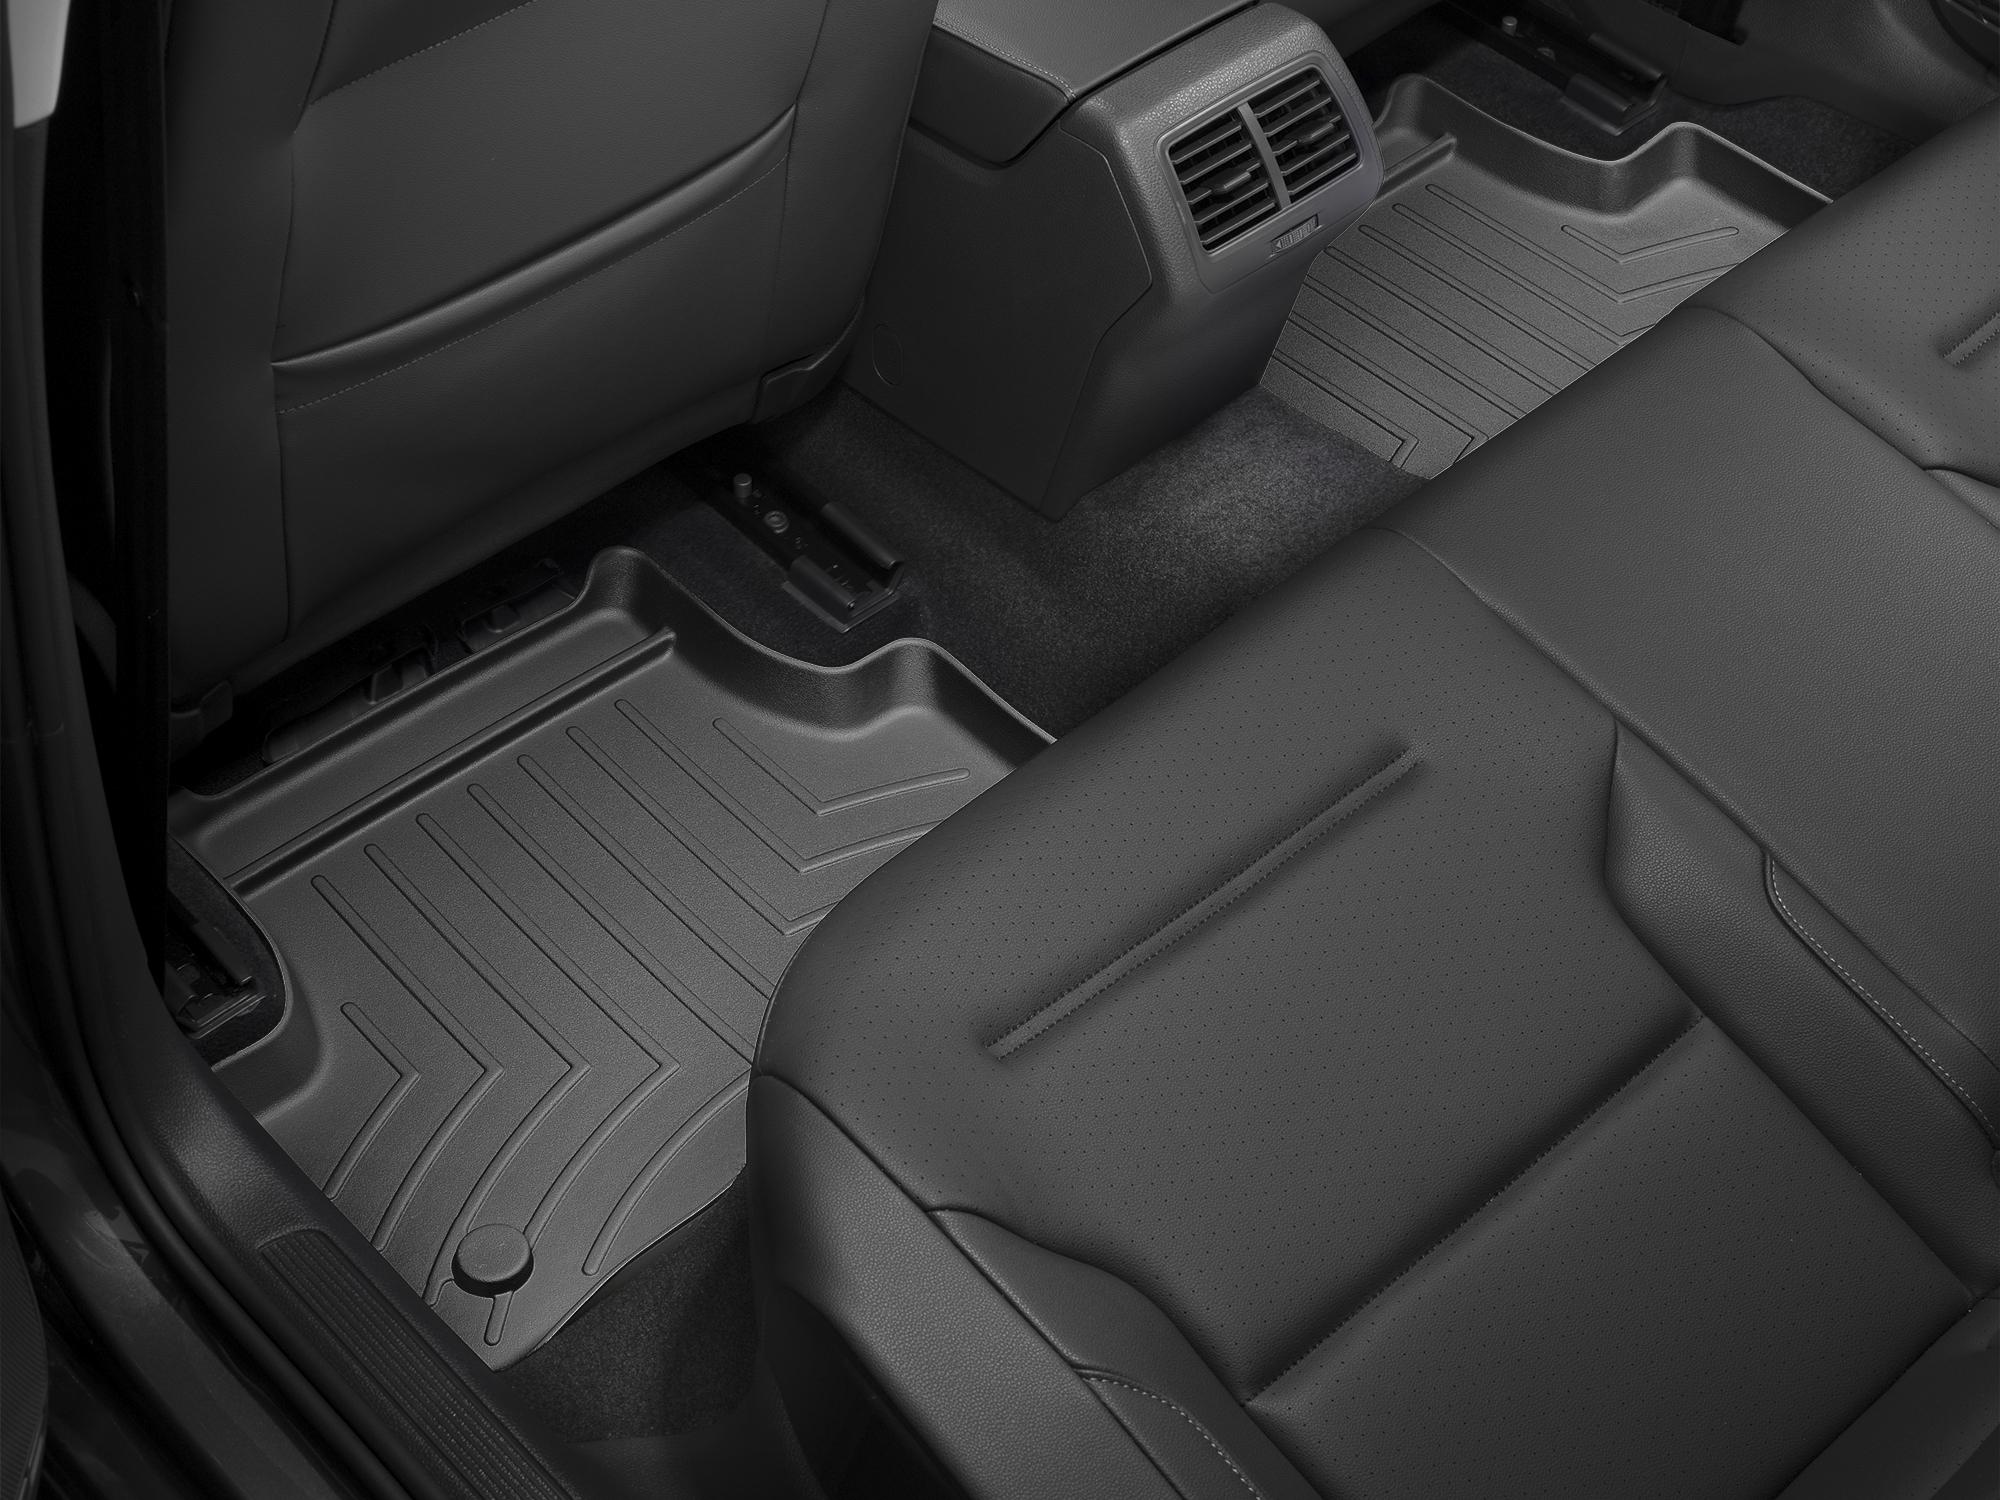 Tappeti gomma su misura bordo alto Volkswagen Golf 12>12 Nero A4056*